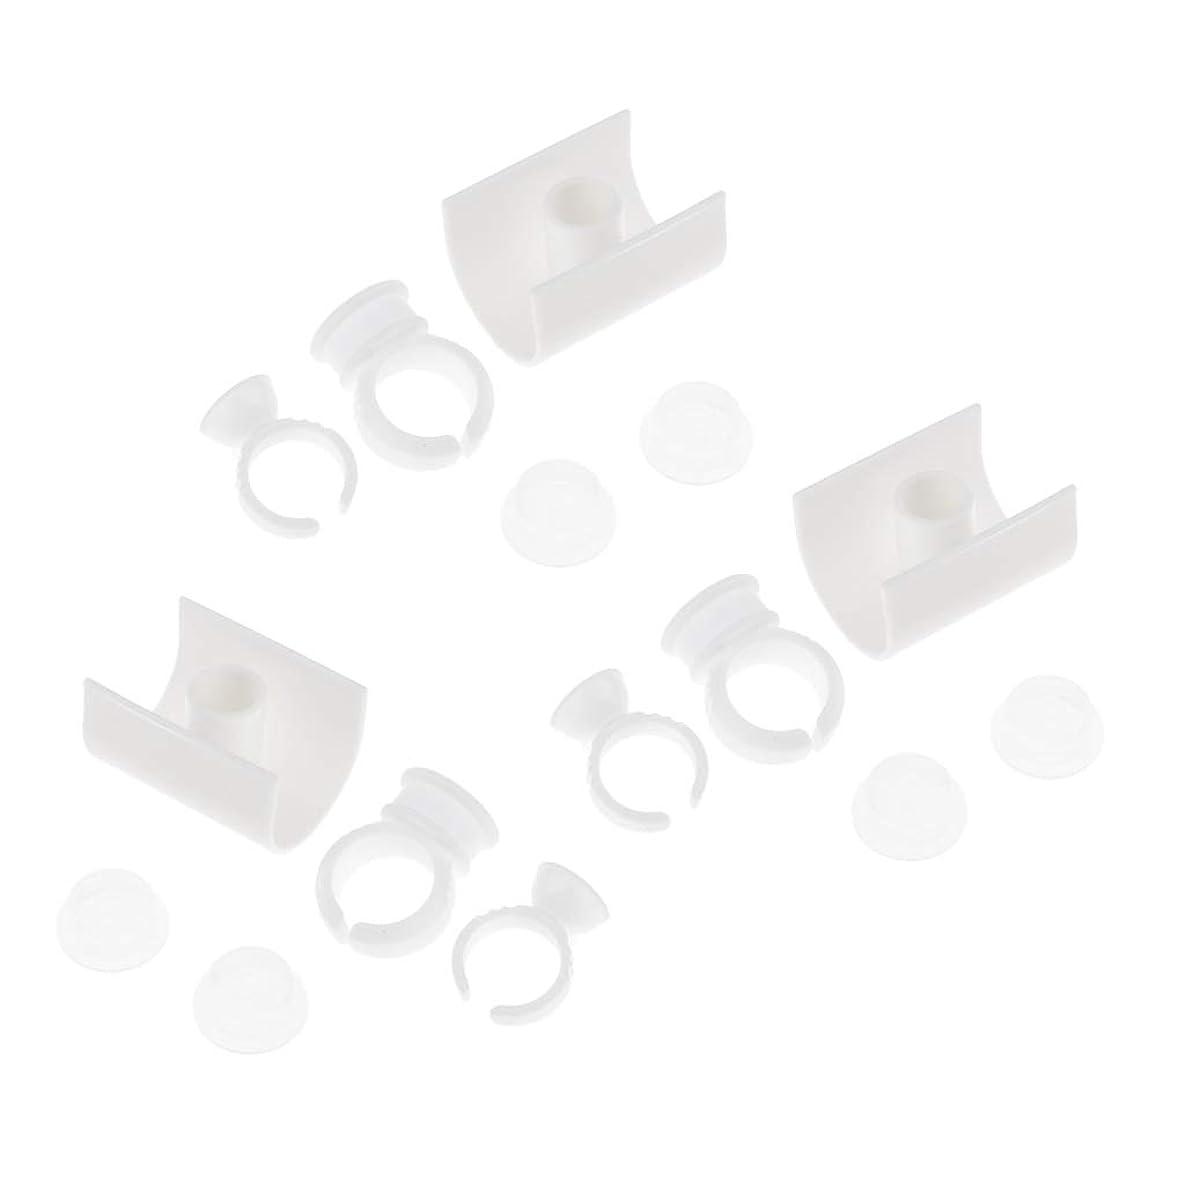 コウモリばか消毒するSM SunniMix まつげホルダーリング 接着剤リング まつげ延長リング U形 ABS樹脂製 まつげ延長